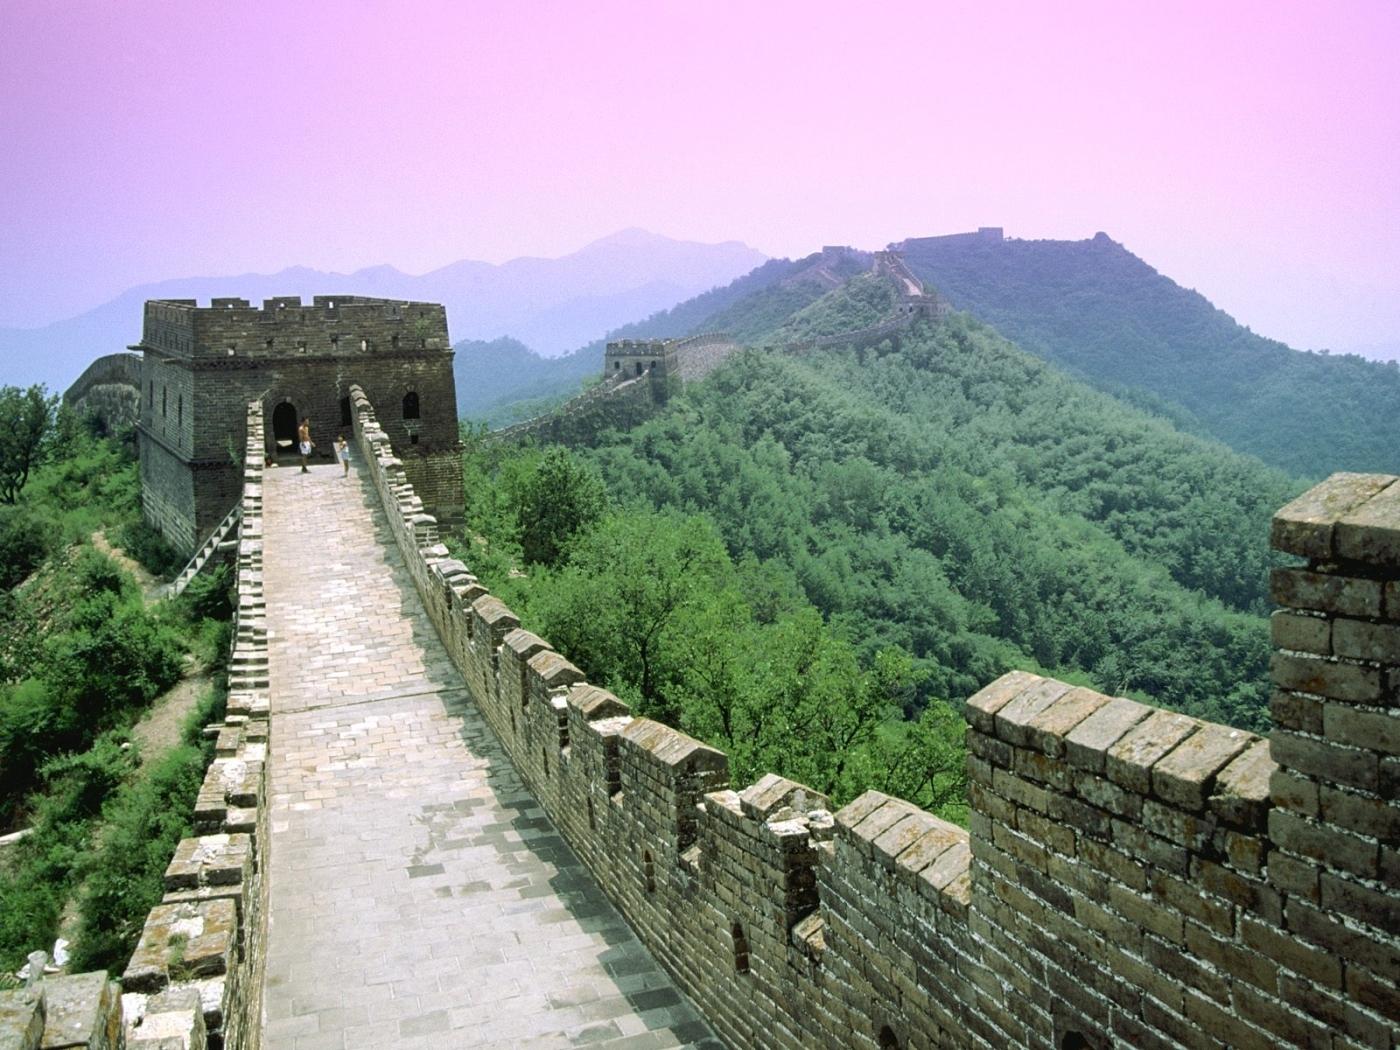 27359 скачать обои Пейзаж, Архитектура, Великая Китайская Стена - заставки и картинки бесплатно